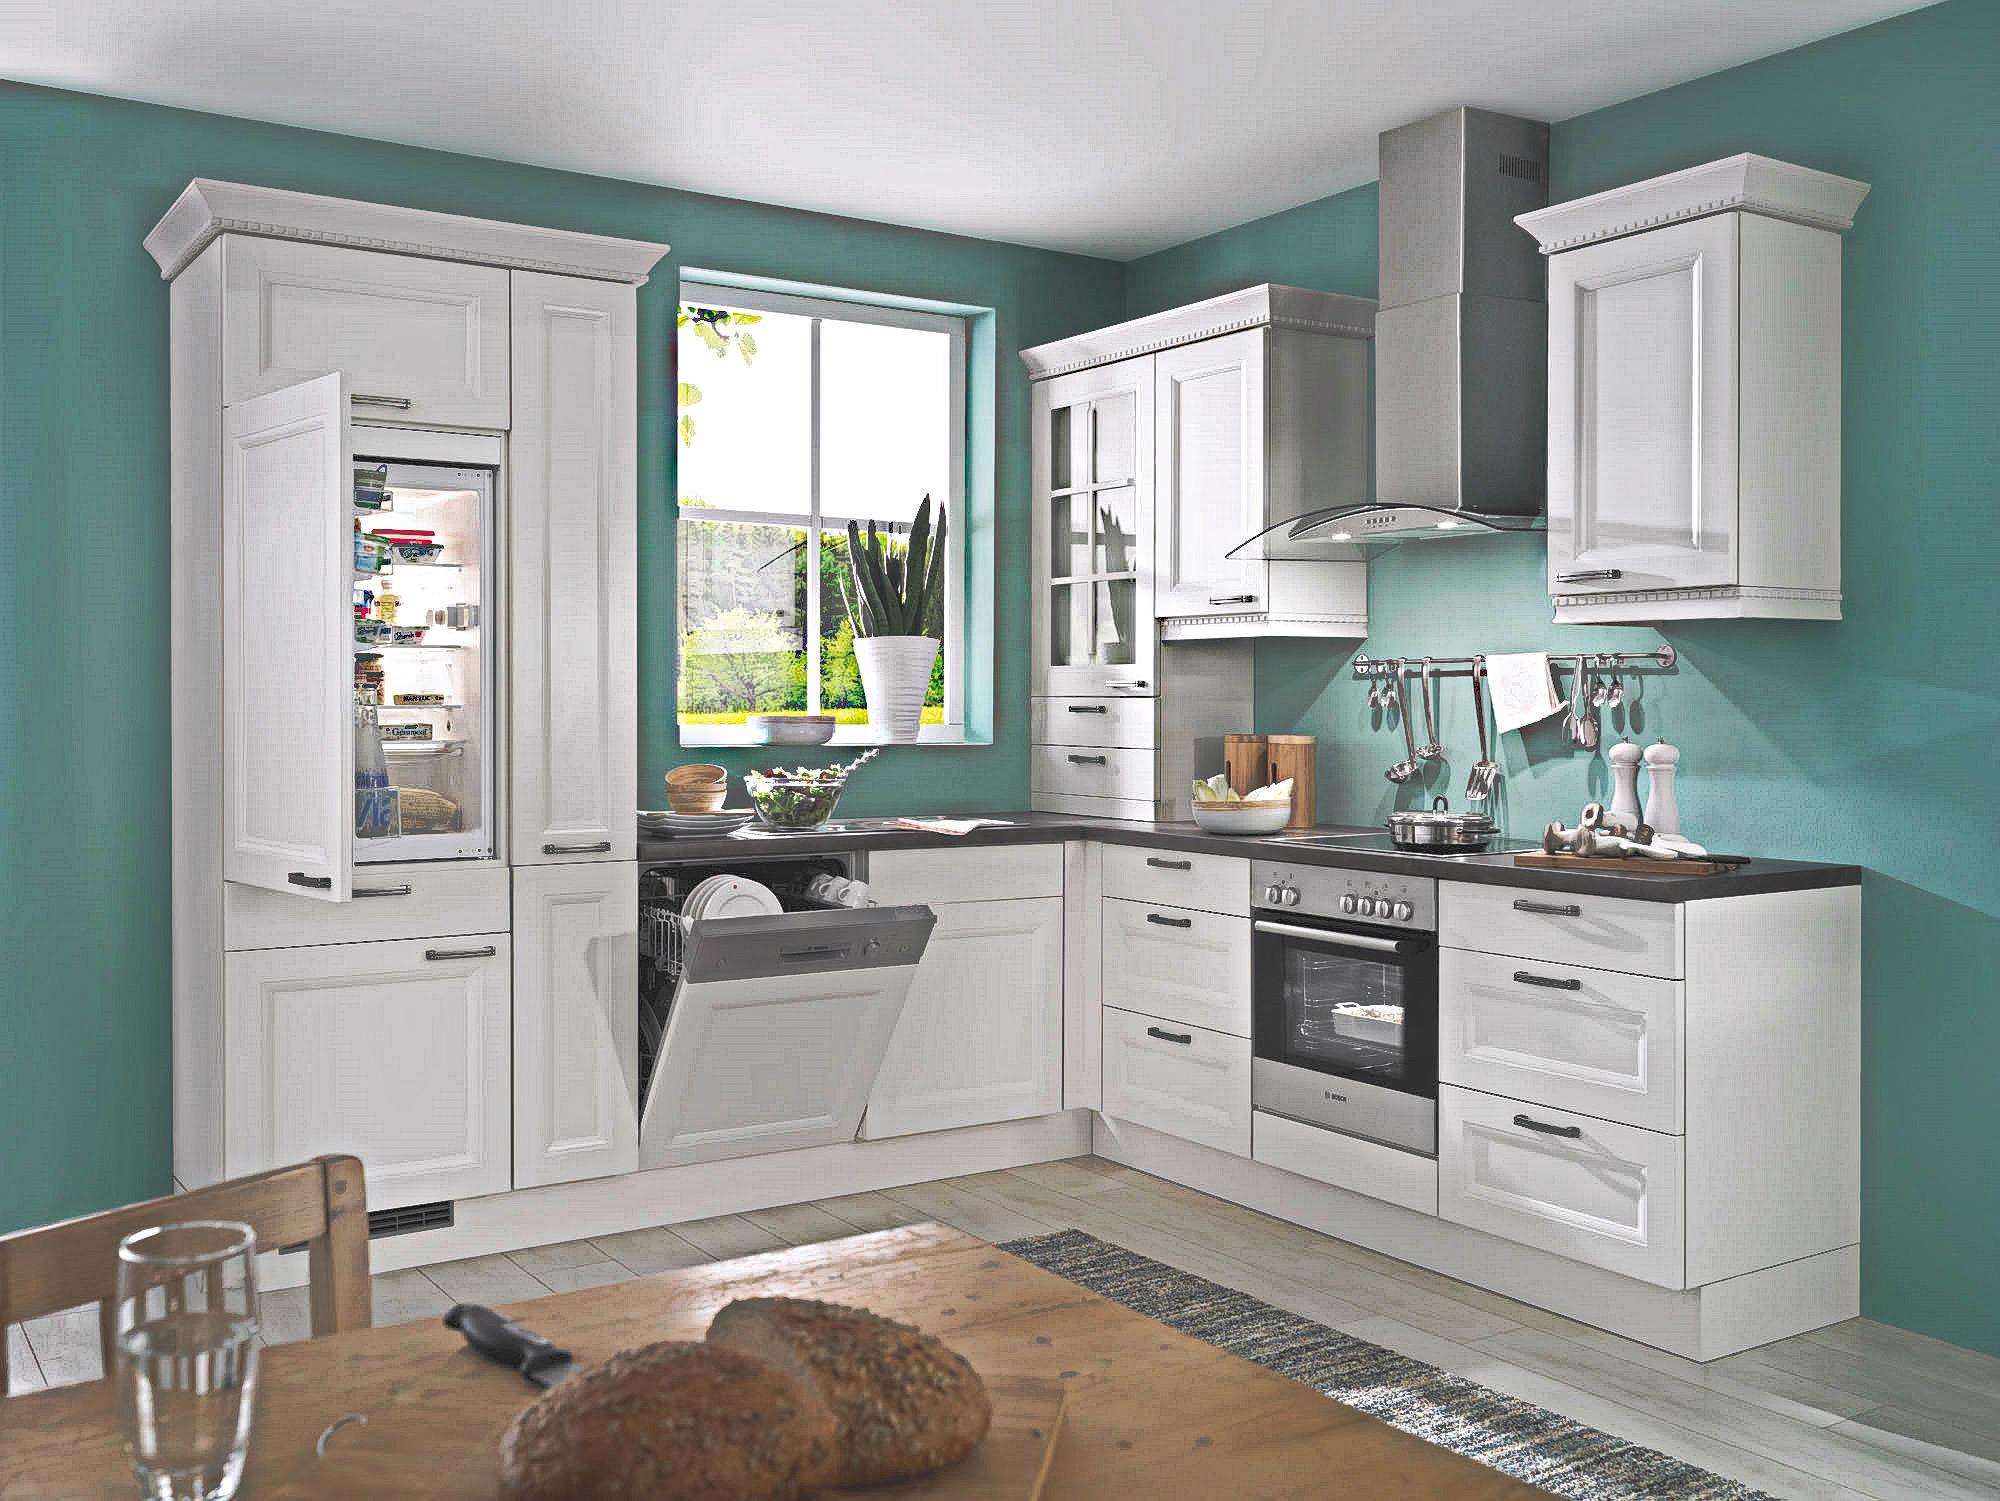 Full Size of Moderne Landhaus Küche Shabby Landhaus Küche Landhaus Küche L Form Landhaus Küche Gebraucht Küche Landhaus Küche